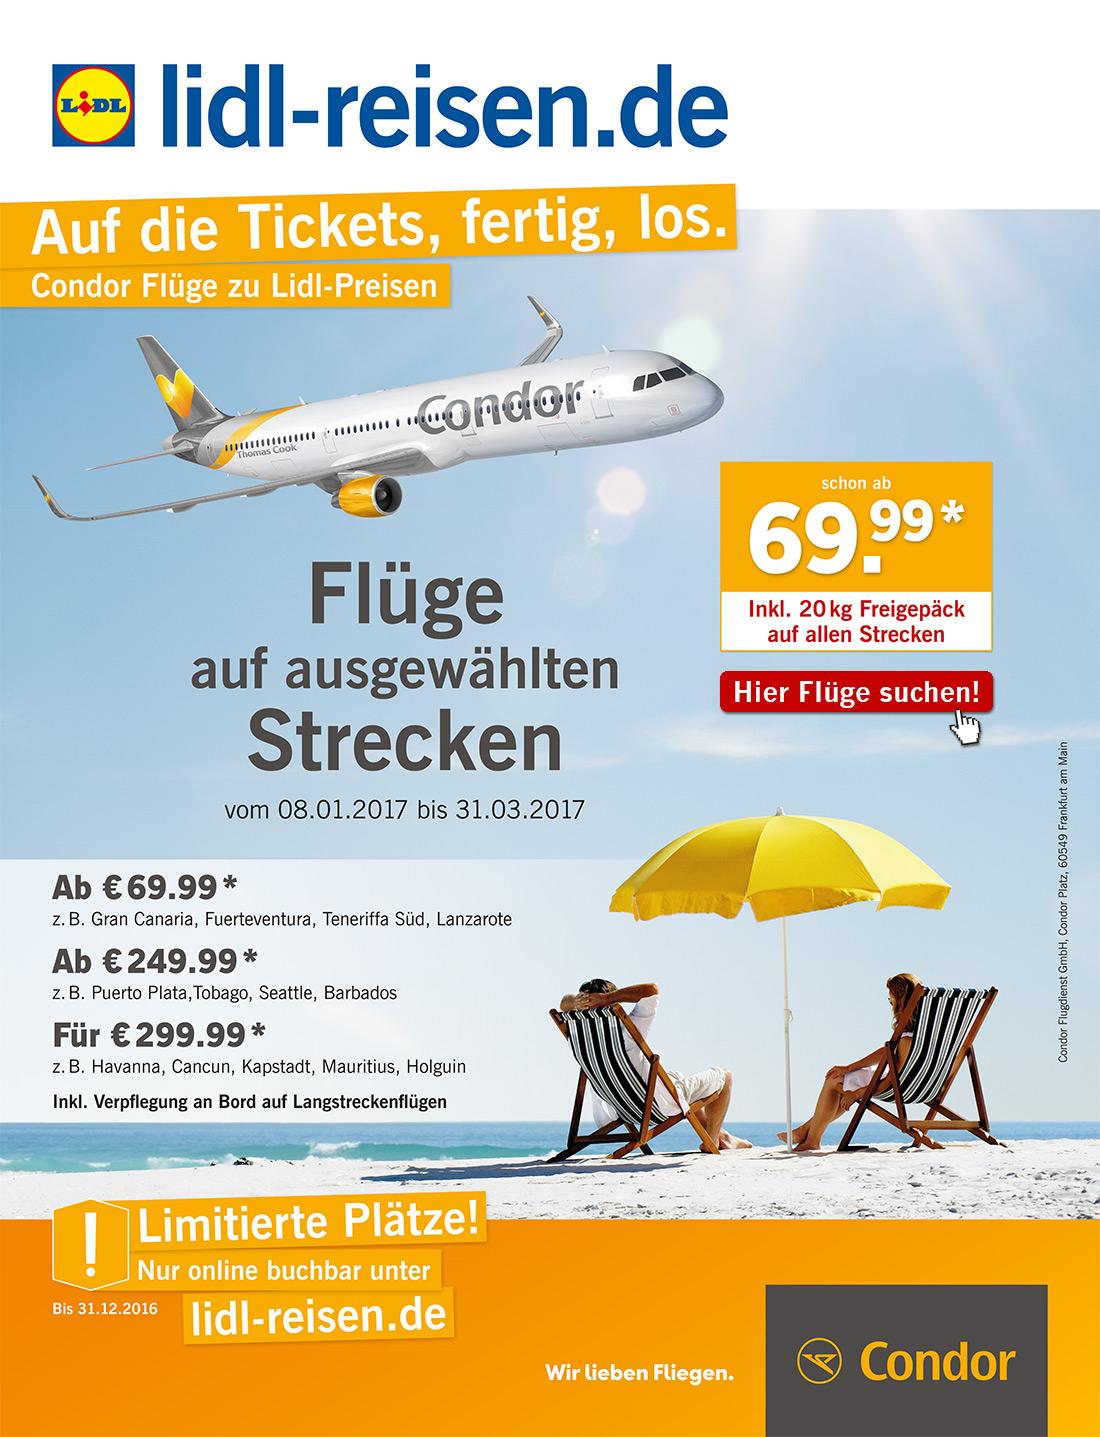 CONDOR-Flugangebote bei Lidl-Reisen ab 69,99